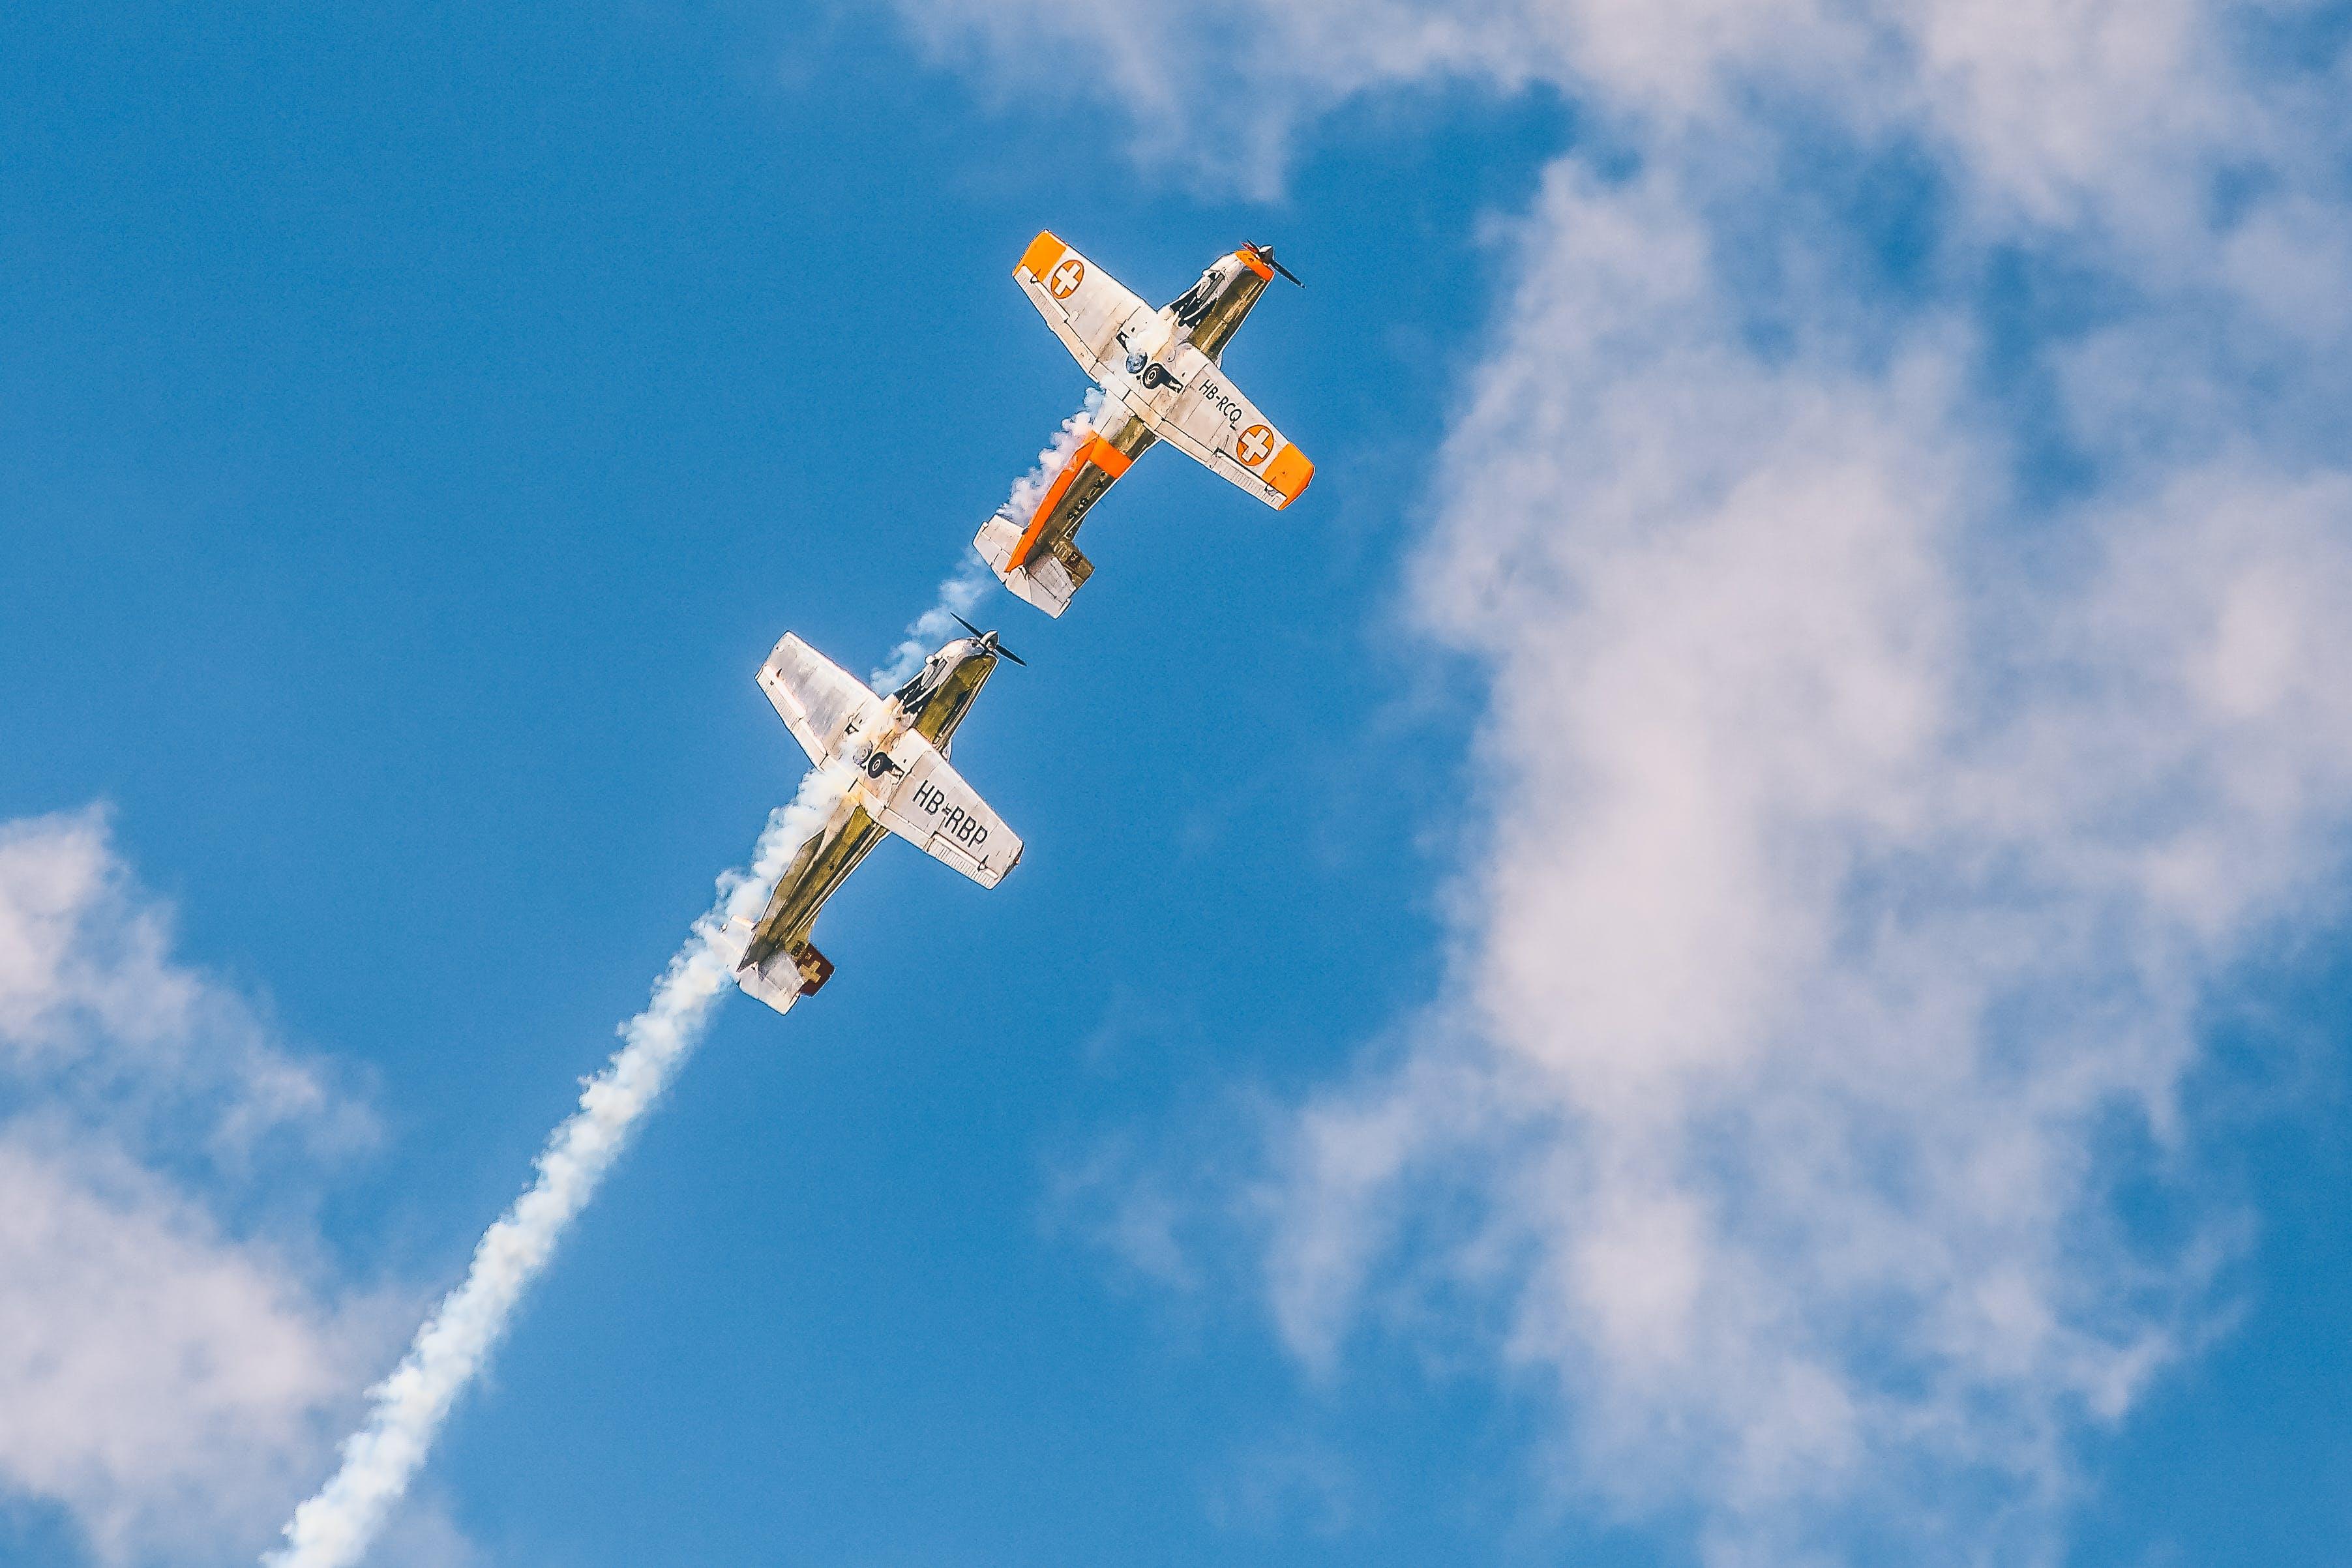 Δωρεάν στοκ φωτογραφιών με αεροπλάνα, αεροπλοΐα, αεροσκάφη, ίχνη συμπύκνωσης